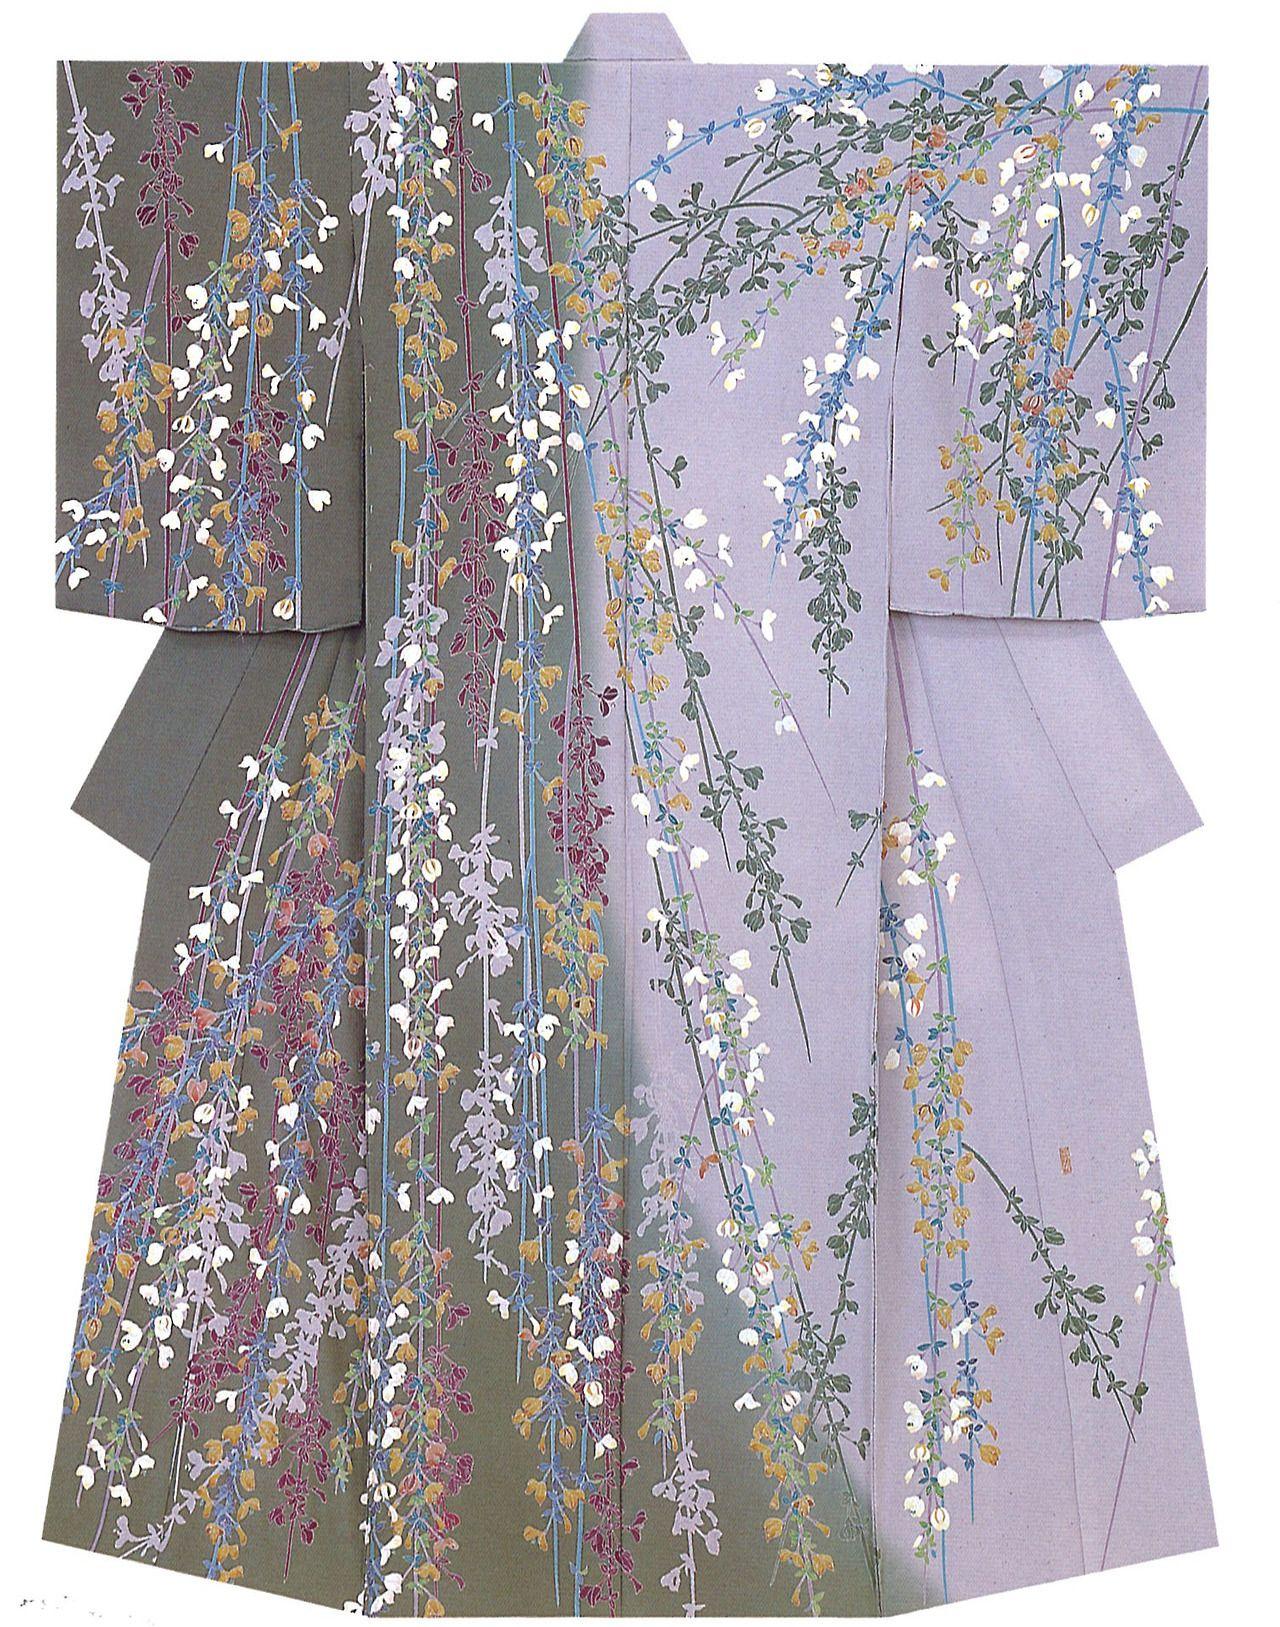 Kaga-Yuzen — Kaga-Yuzen Kimono Yuzo Miyano